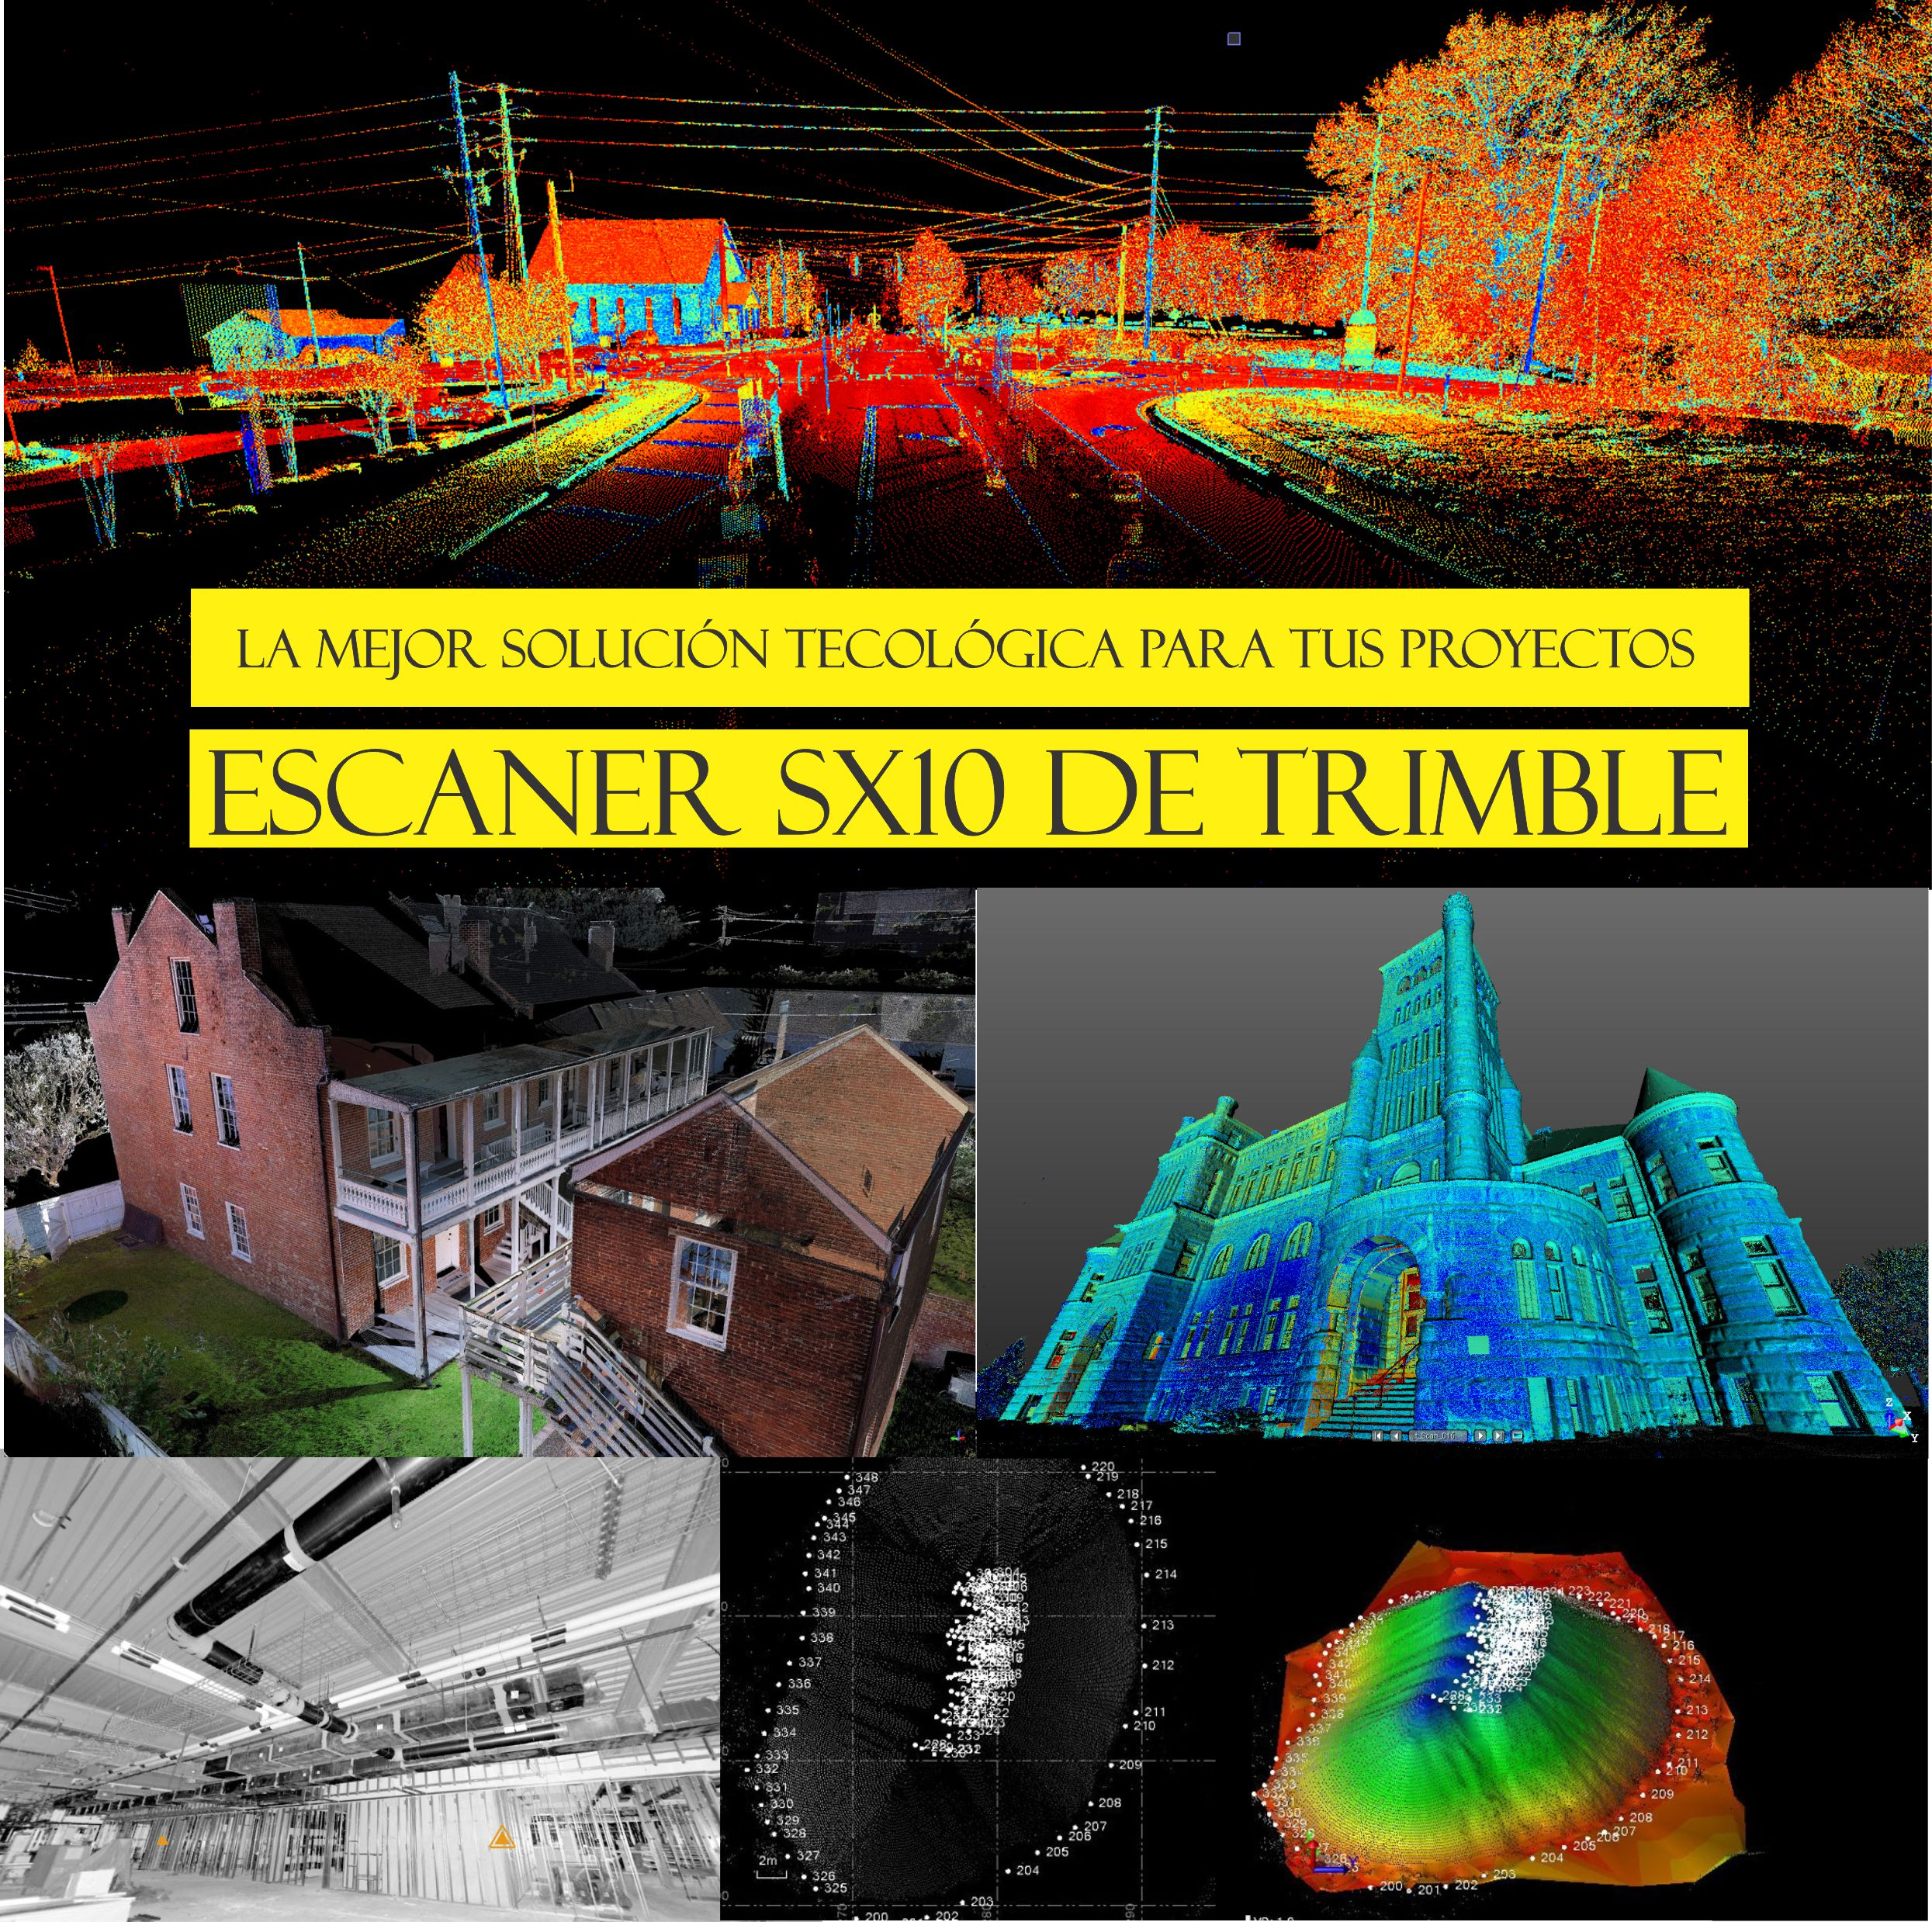 Estación/ Escaner Trimble SX10 – KPN